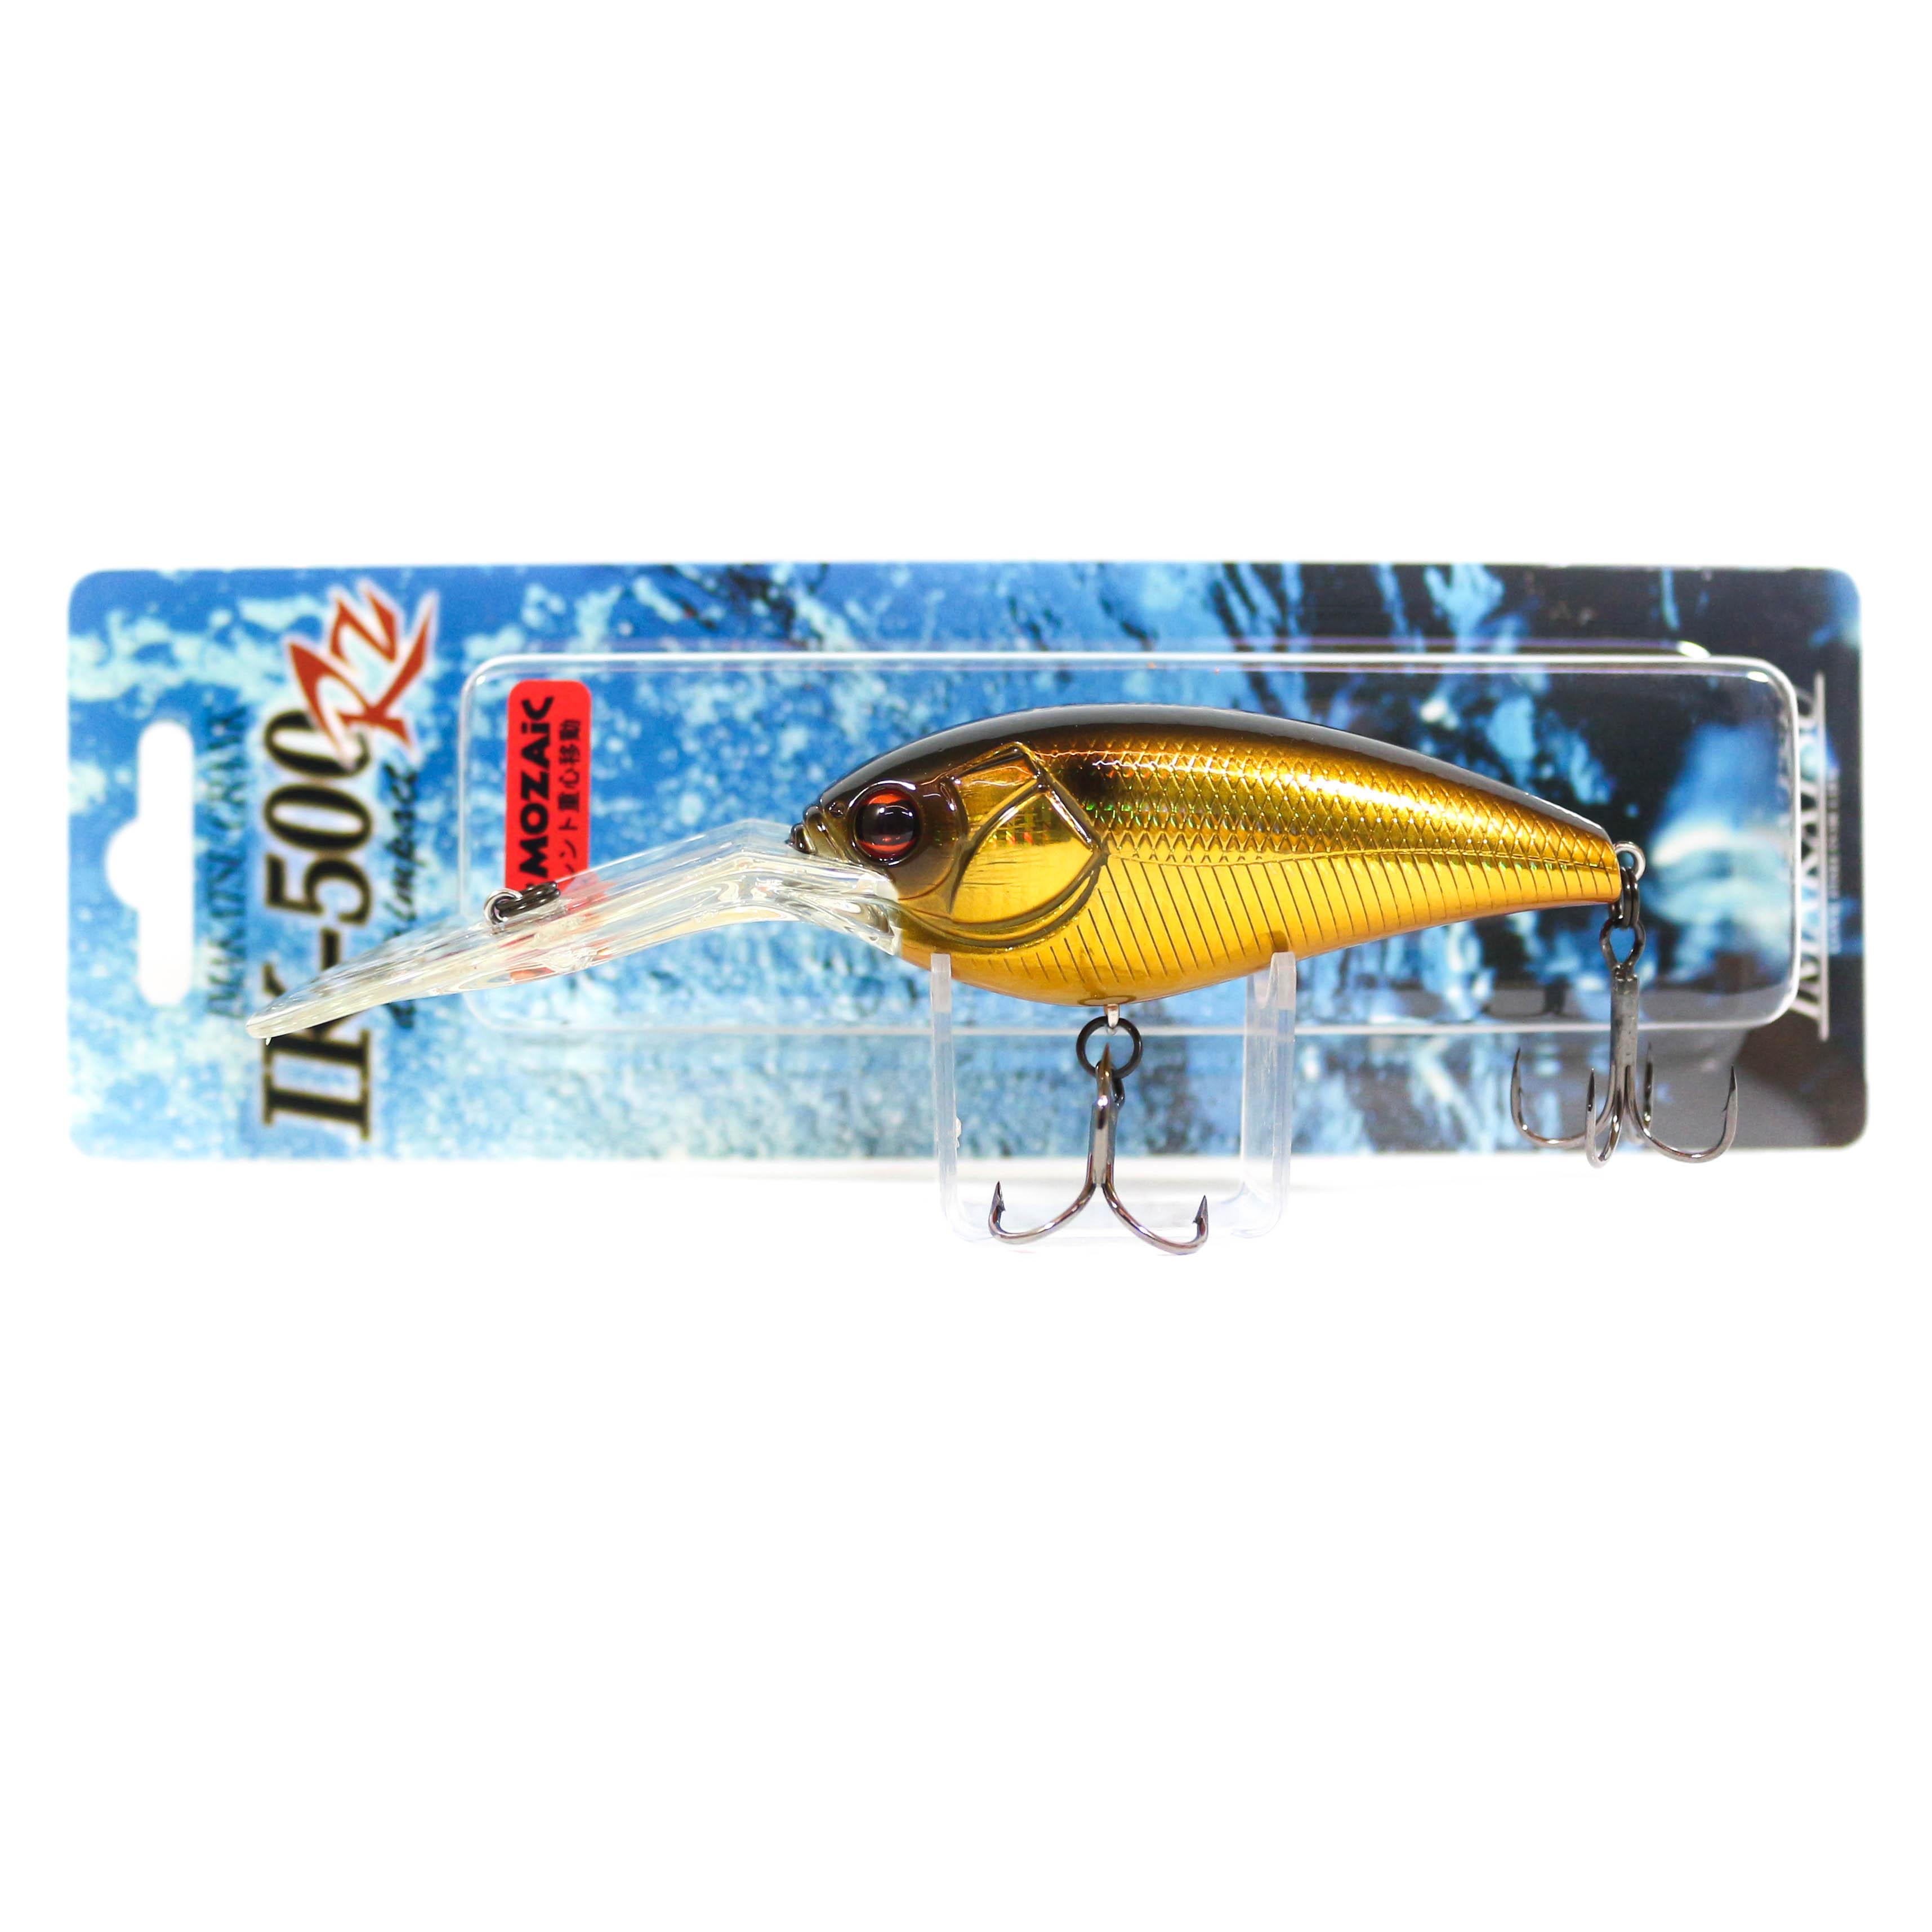 Imakatsu Gekiasa III Ik Jerk 130 21 grams Suspend Lure 682 3426